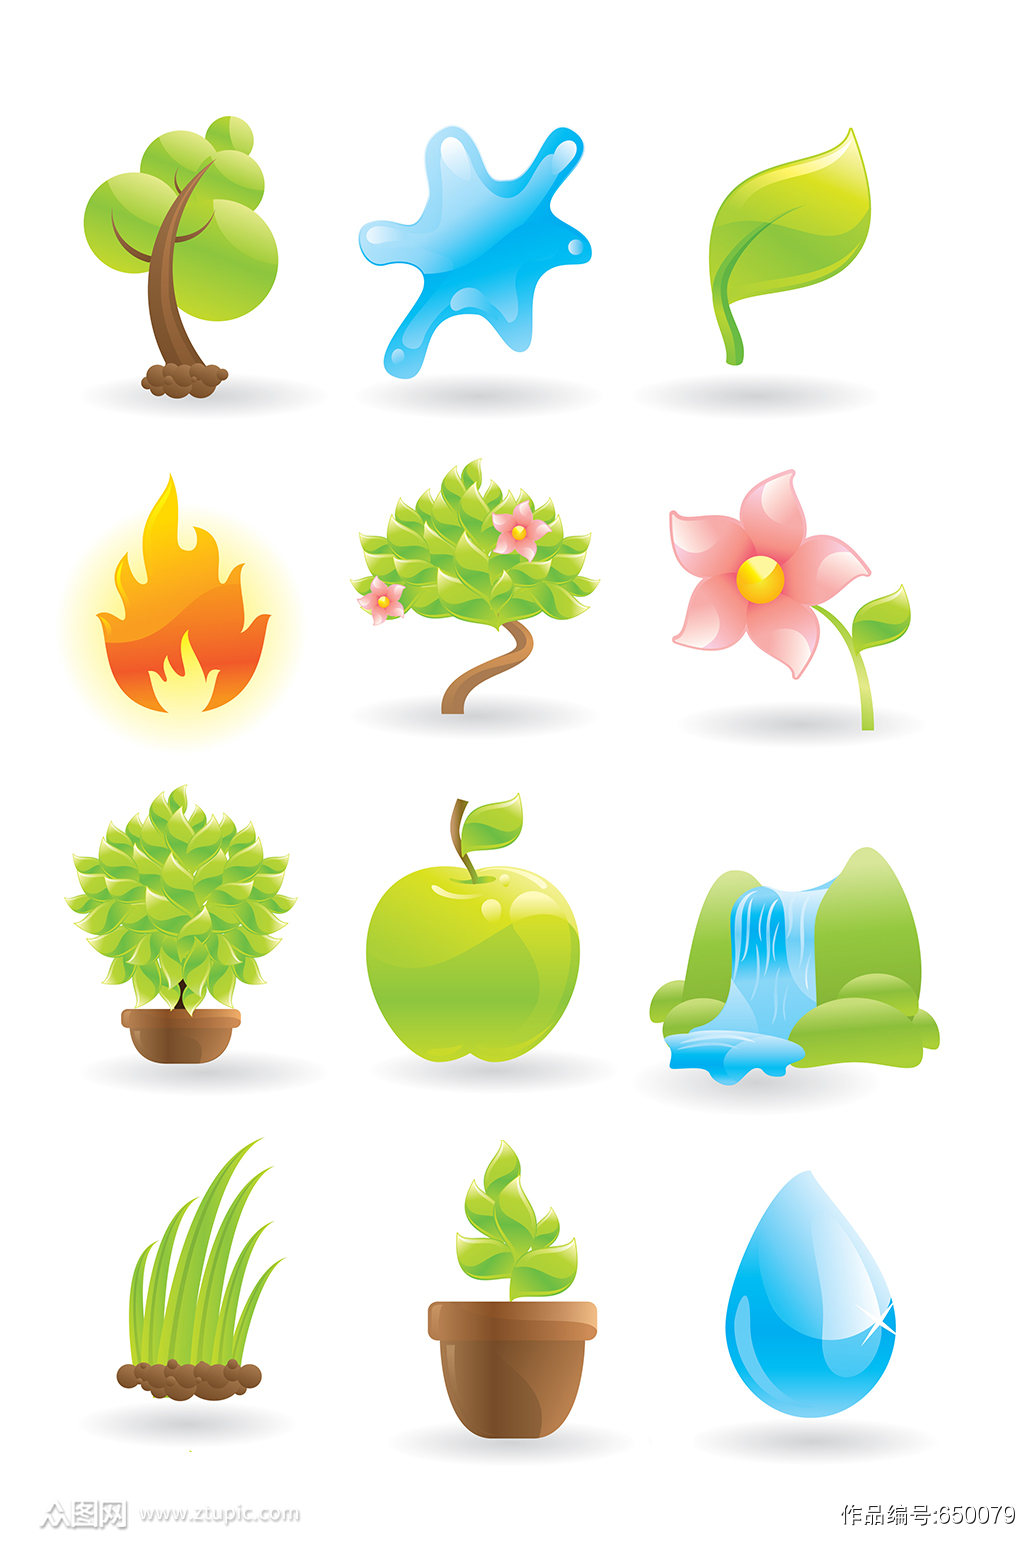 绿色环保植物素材图标素材